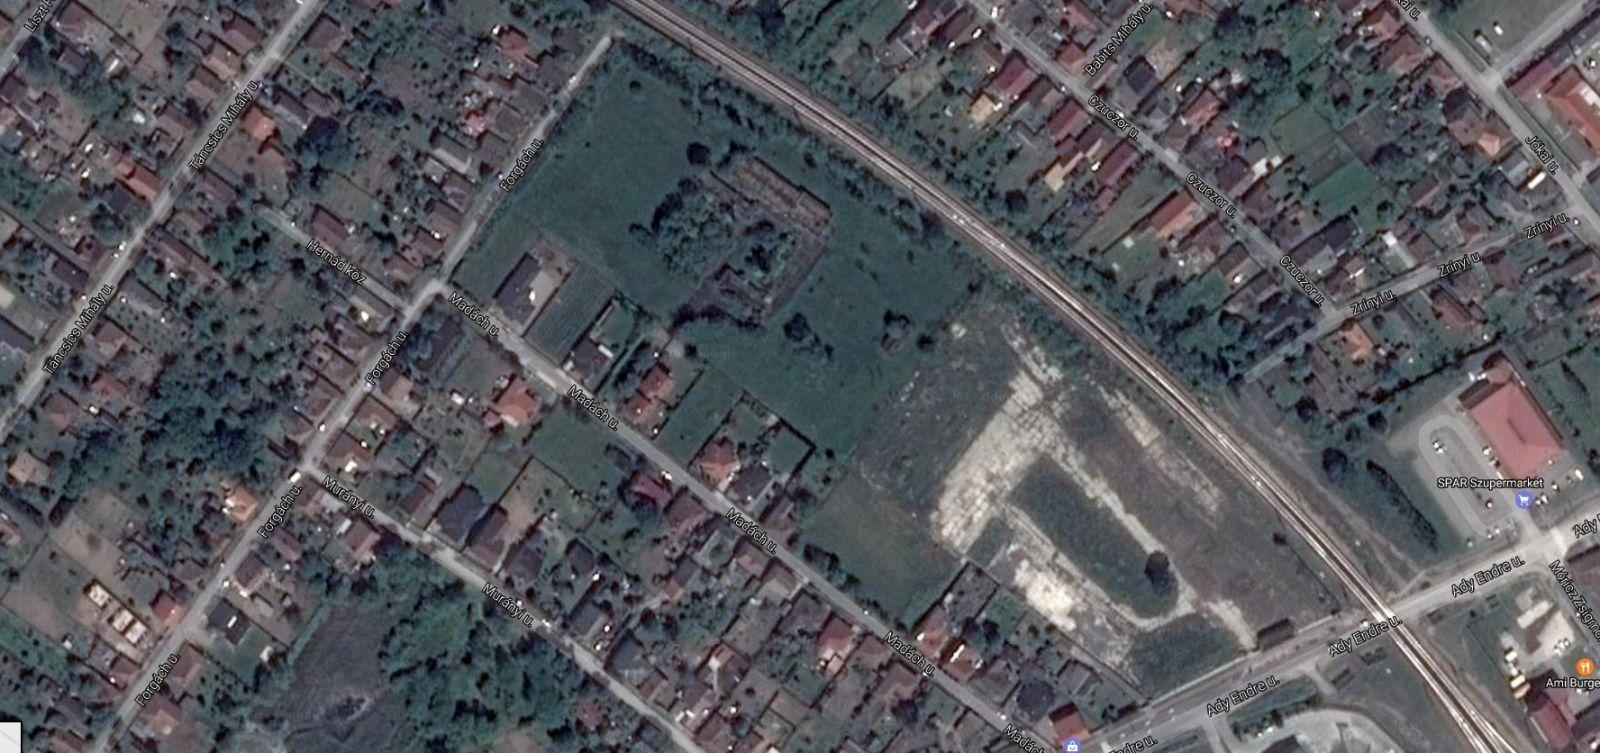 Újabb elhanyagolt terület fejlesztését tervezi Monor vezetése